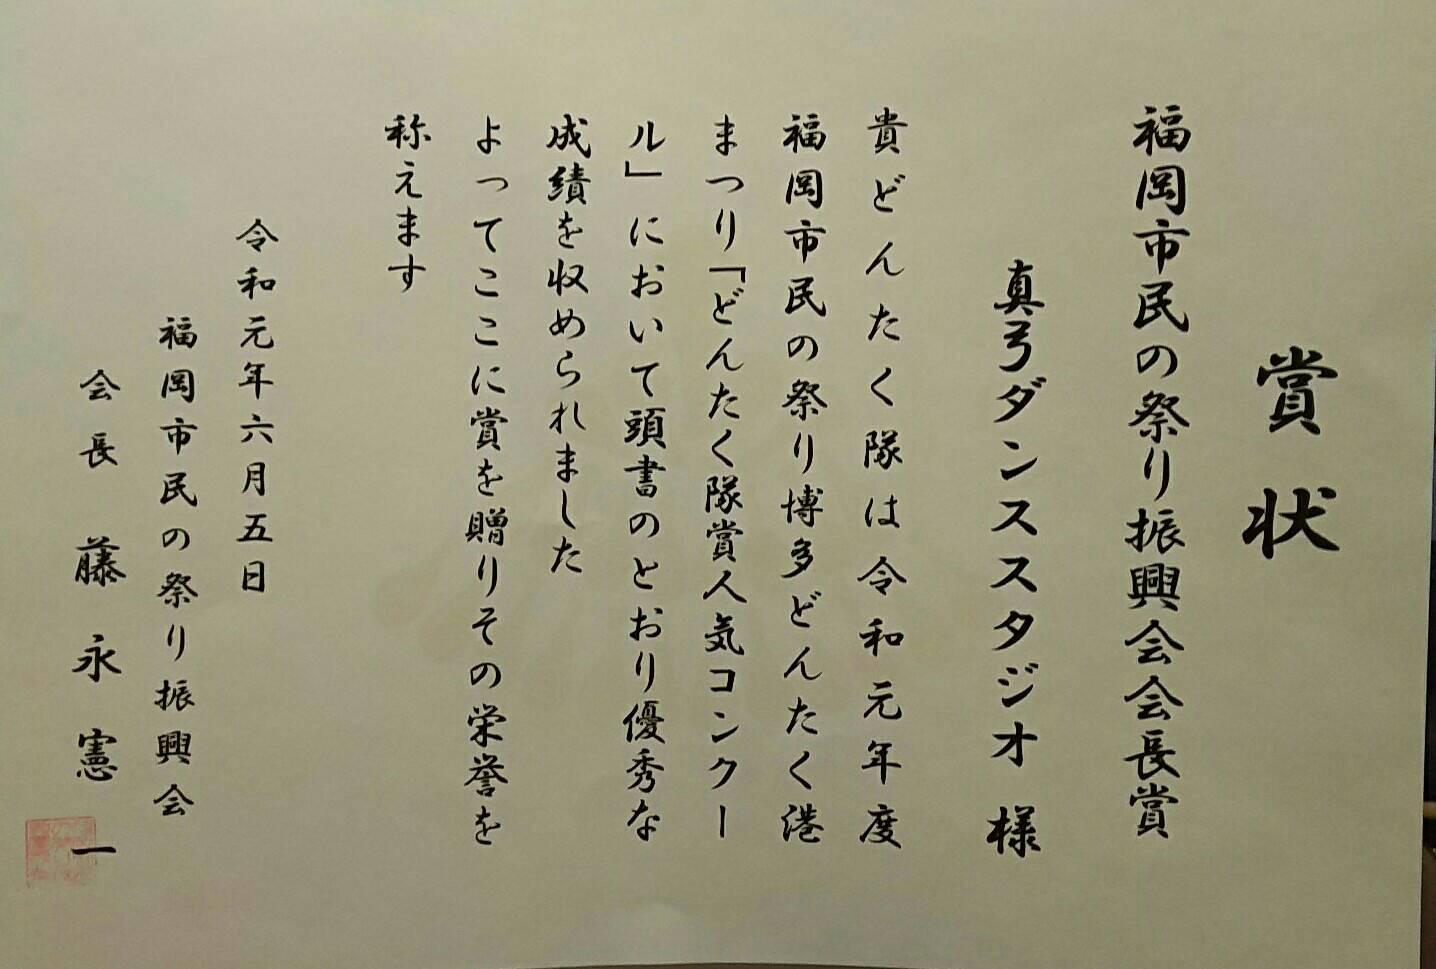 福岡市民の祭り振興会会長賞受賞